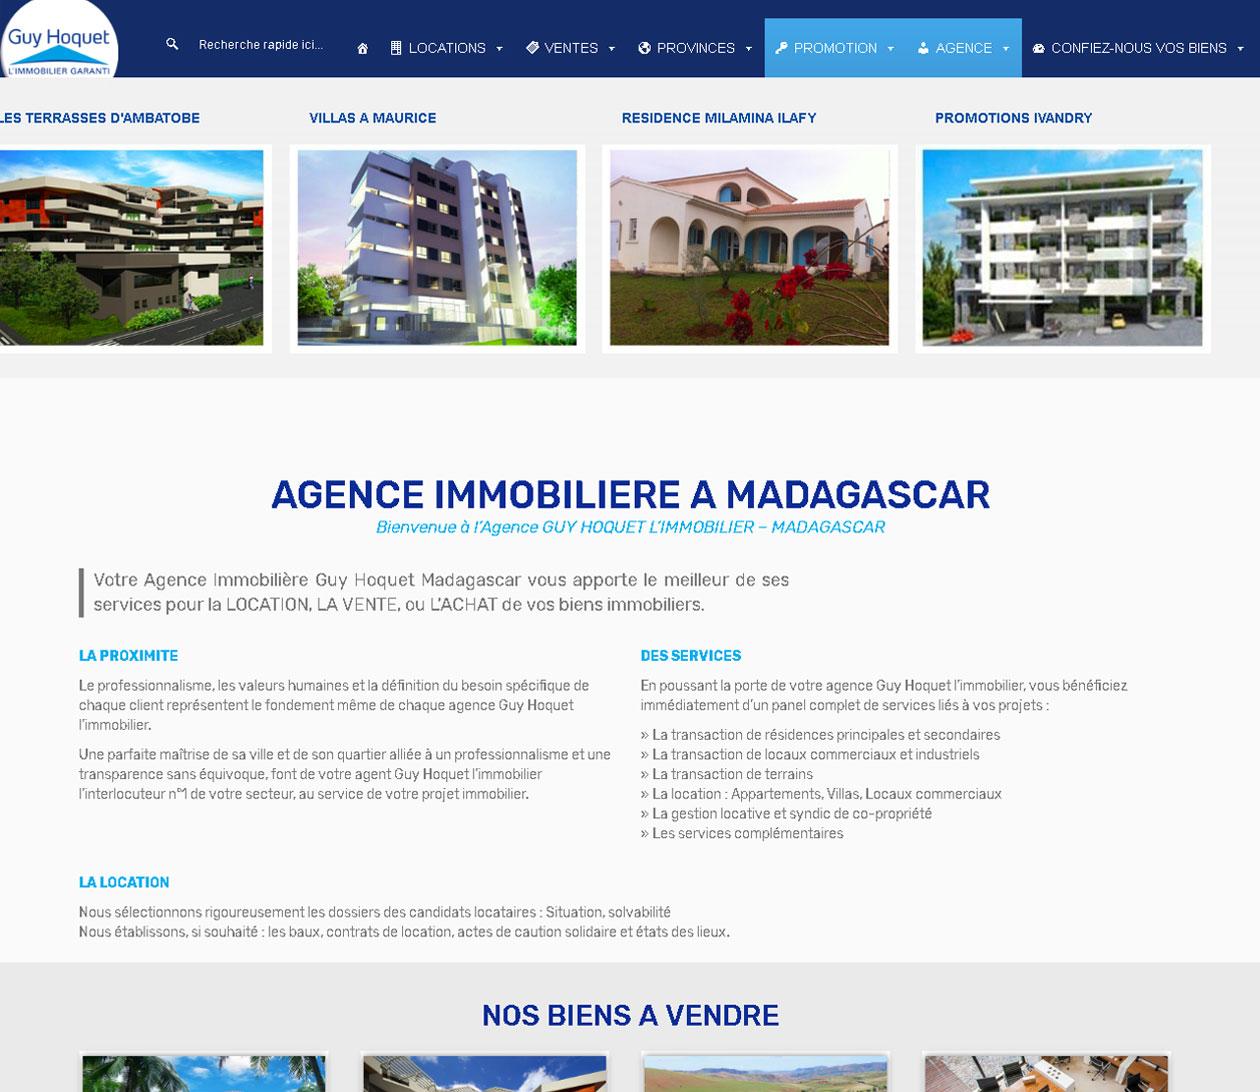 Site immobilier - Guy Hoquet Madagascar